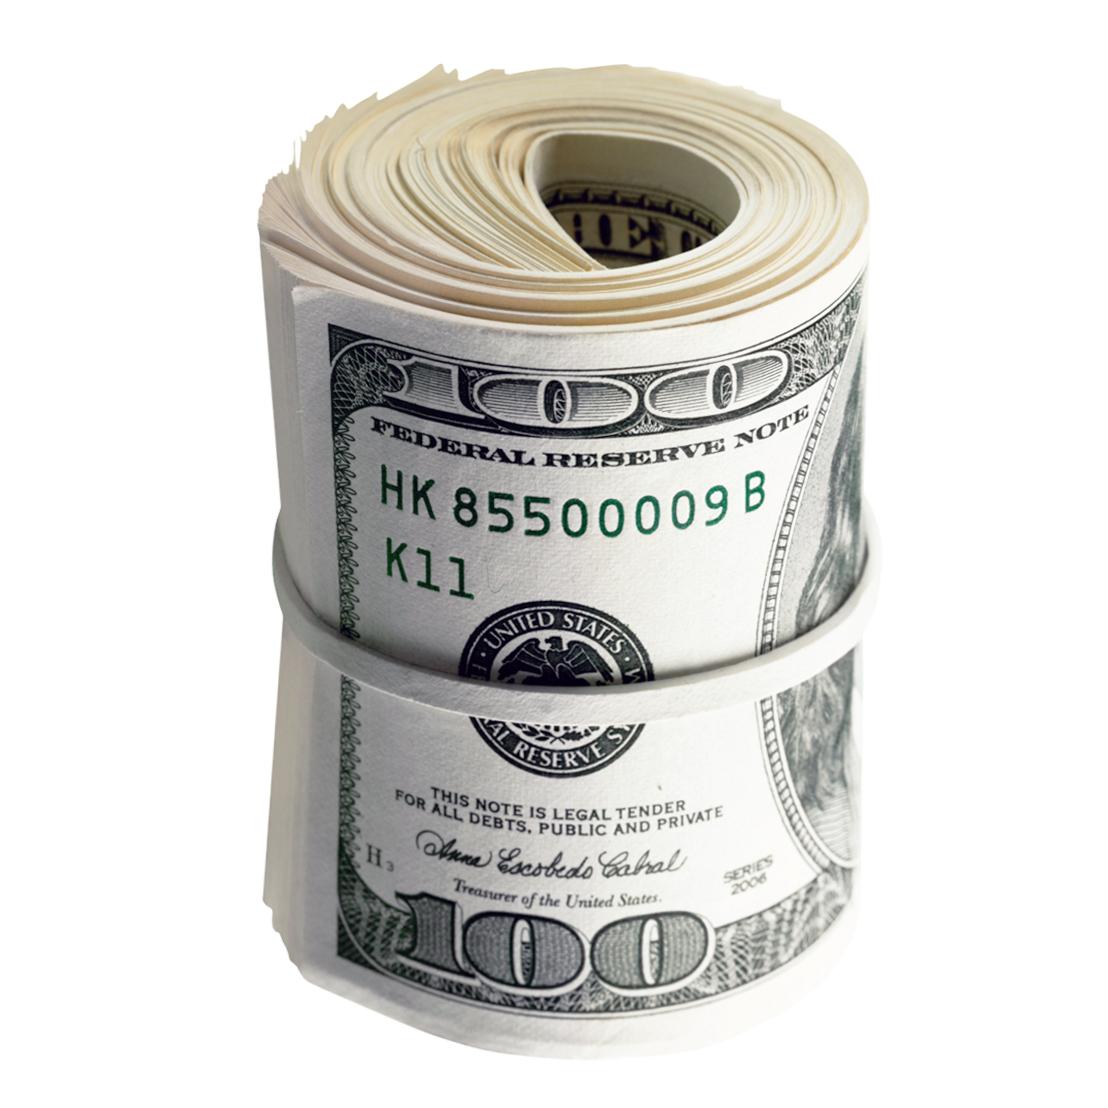 Leon_Mege_accepts_cash.jpg